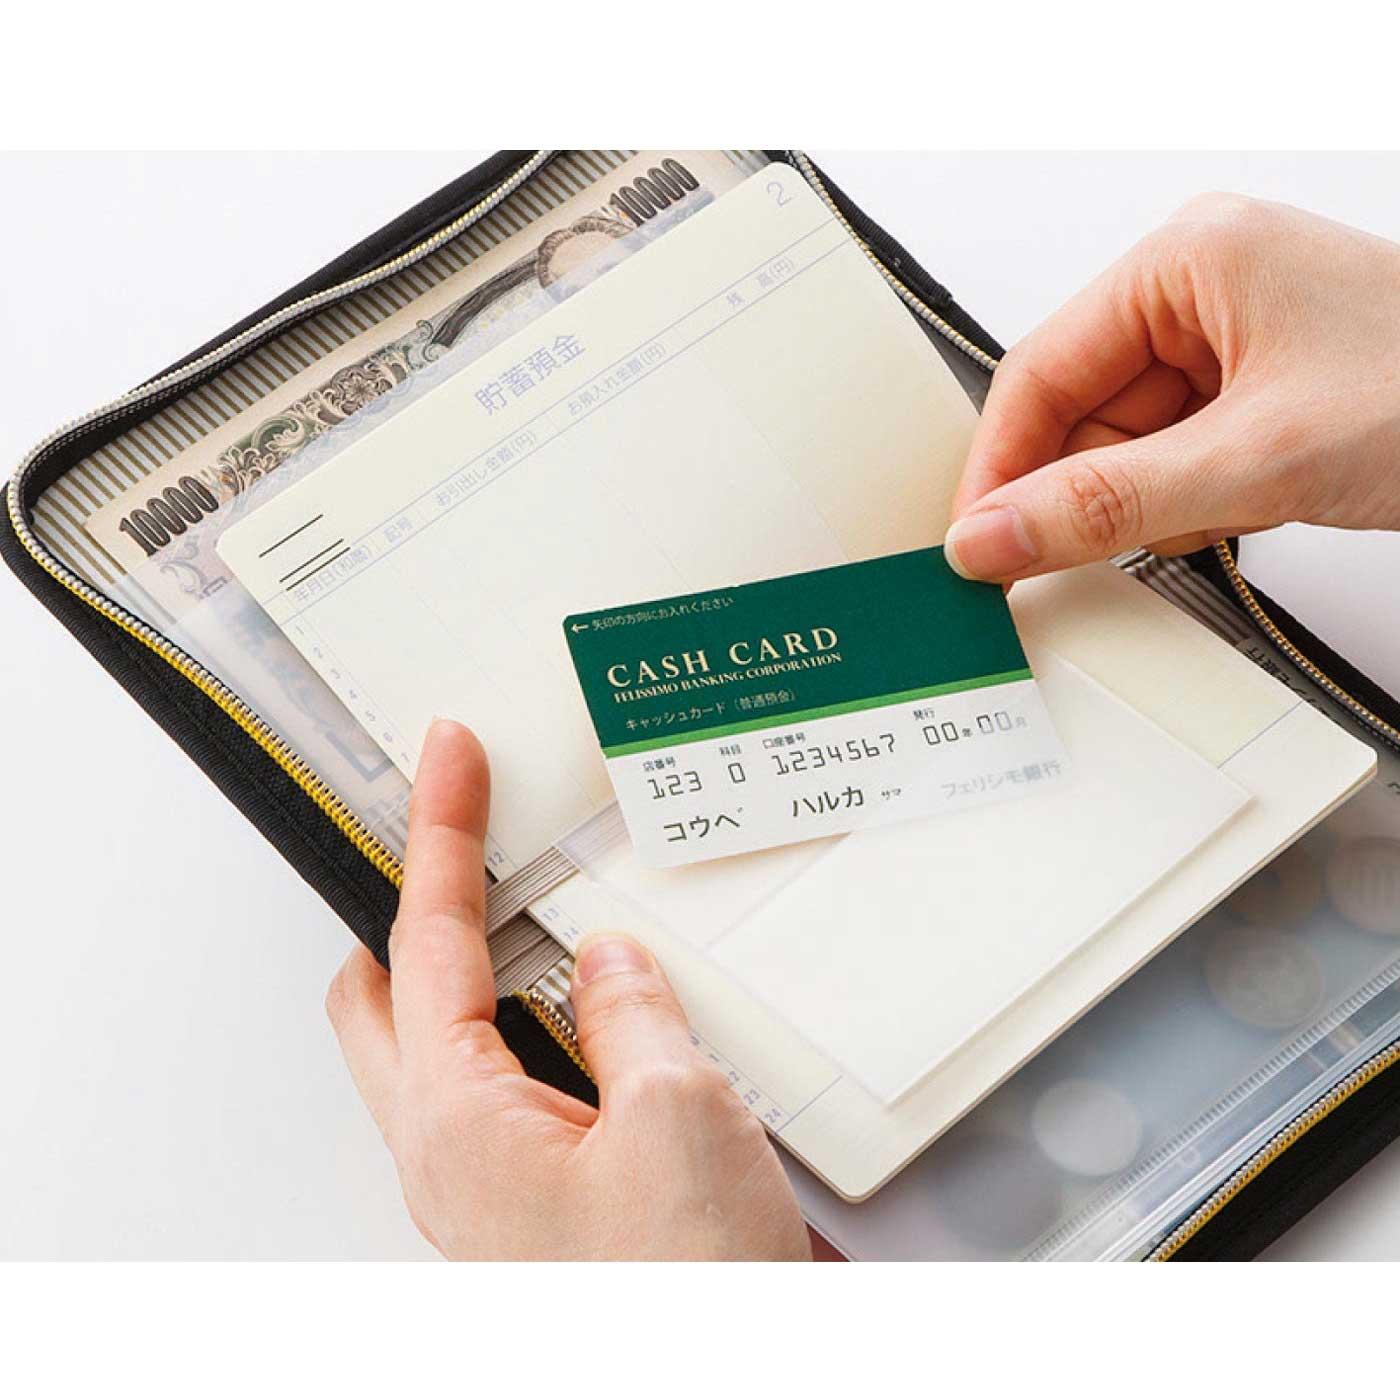 ATMの前では、サッとカードを取り出し。通帳とカードを一緒に保管しておけるので、複数の口座を持っていても混乱しません。